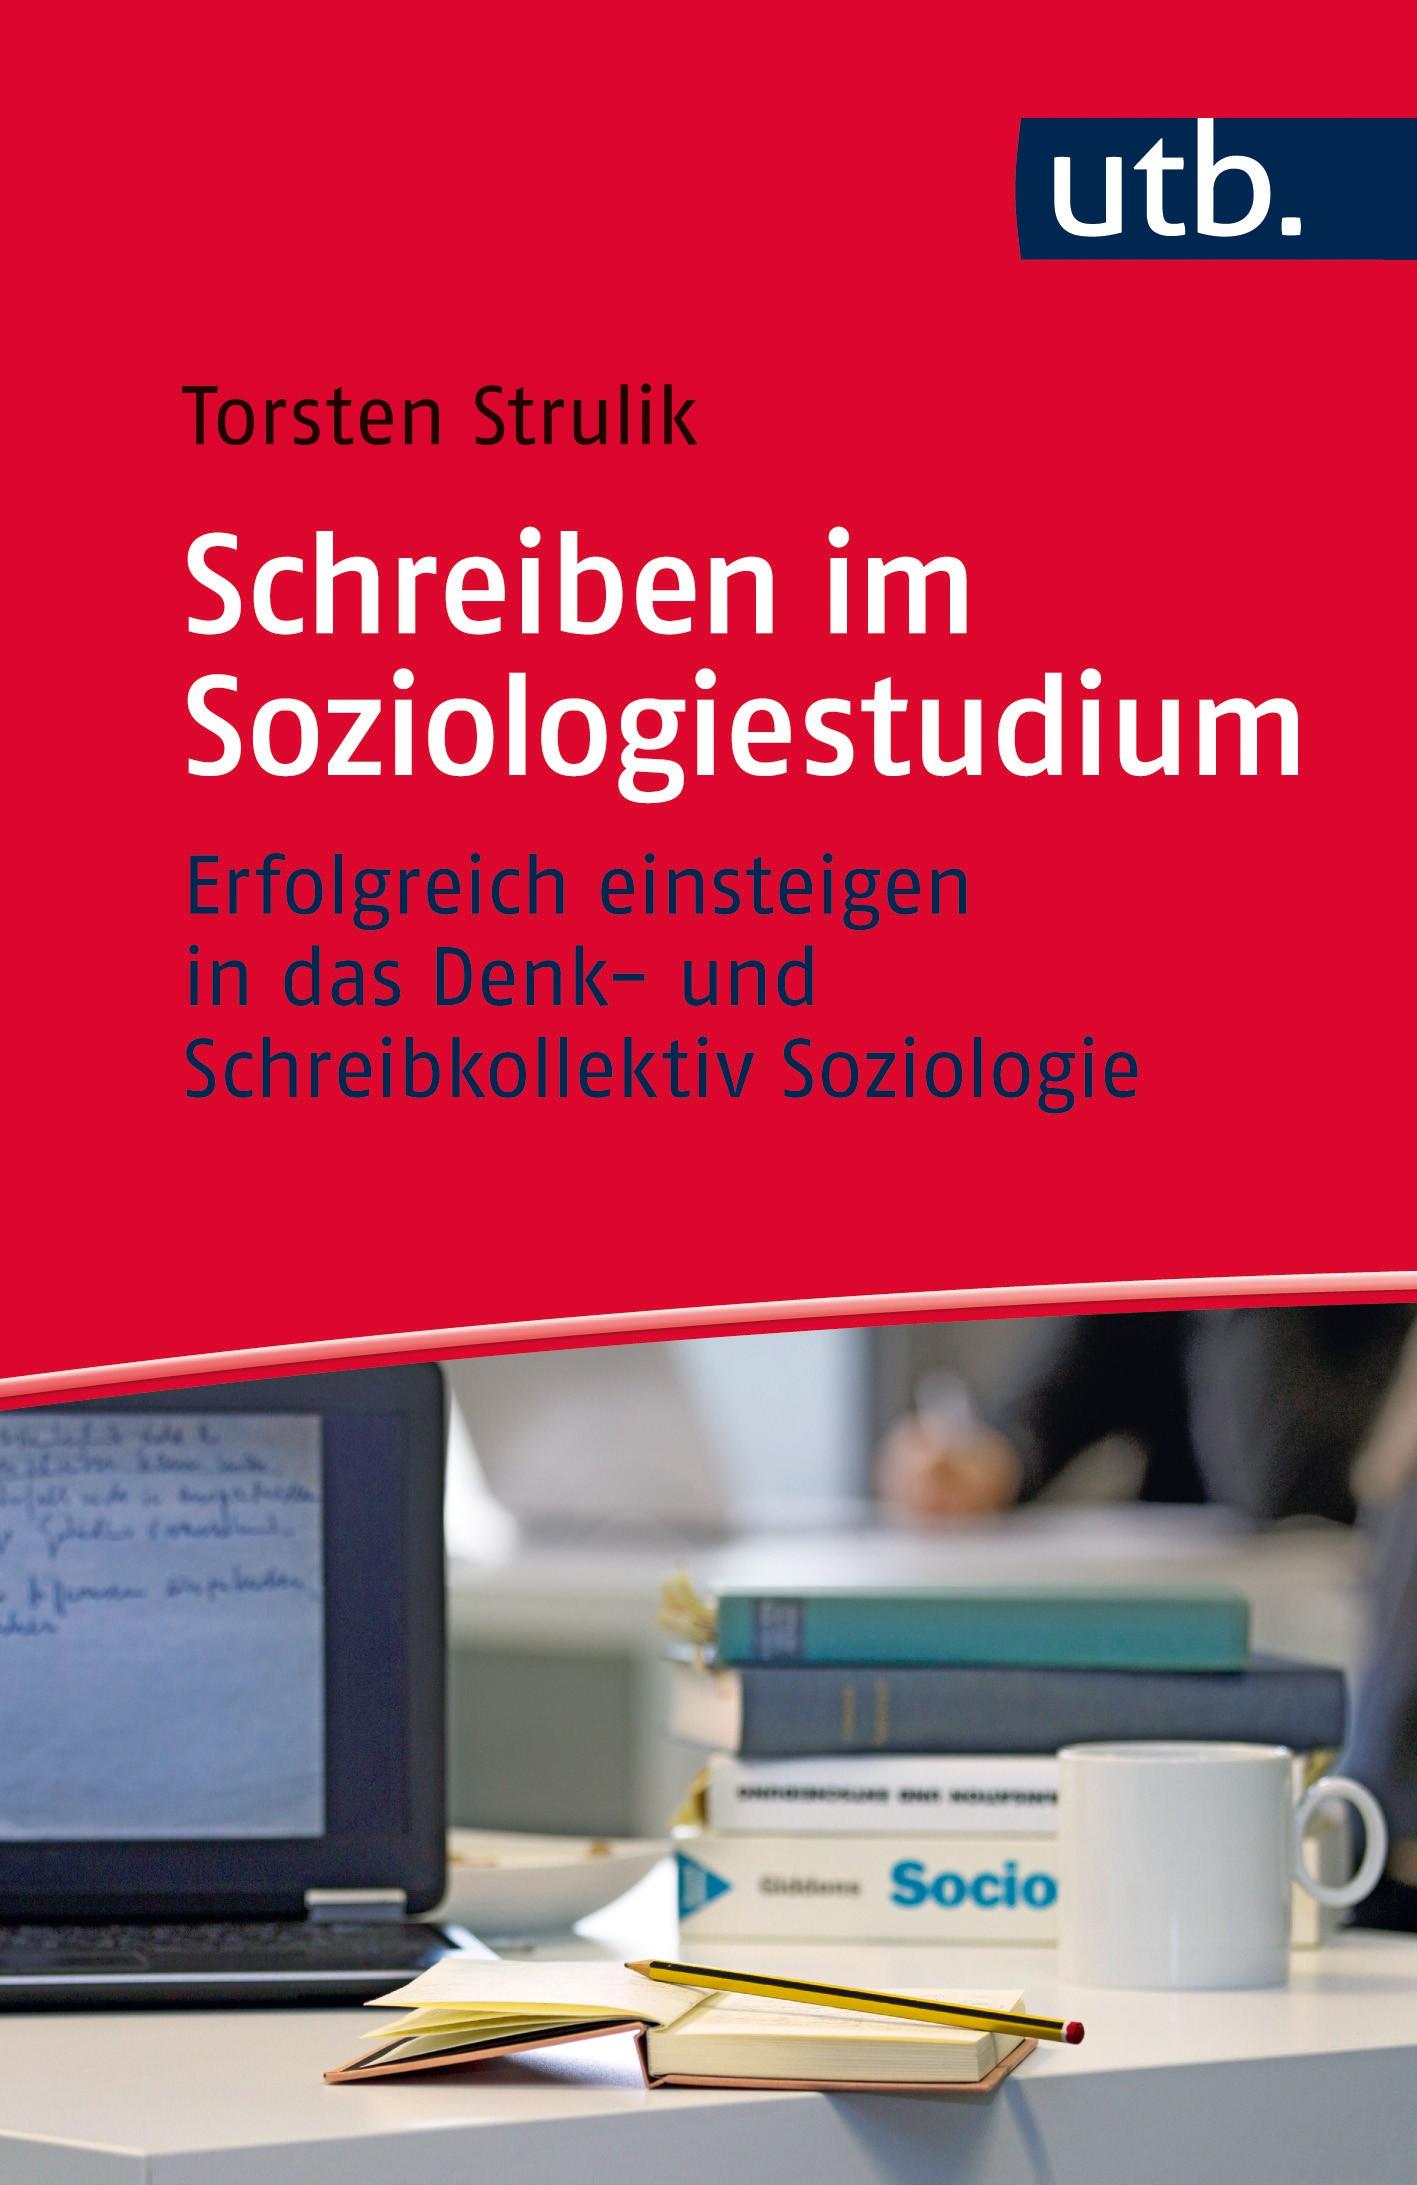 Schreiben im Soziologiestudium